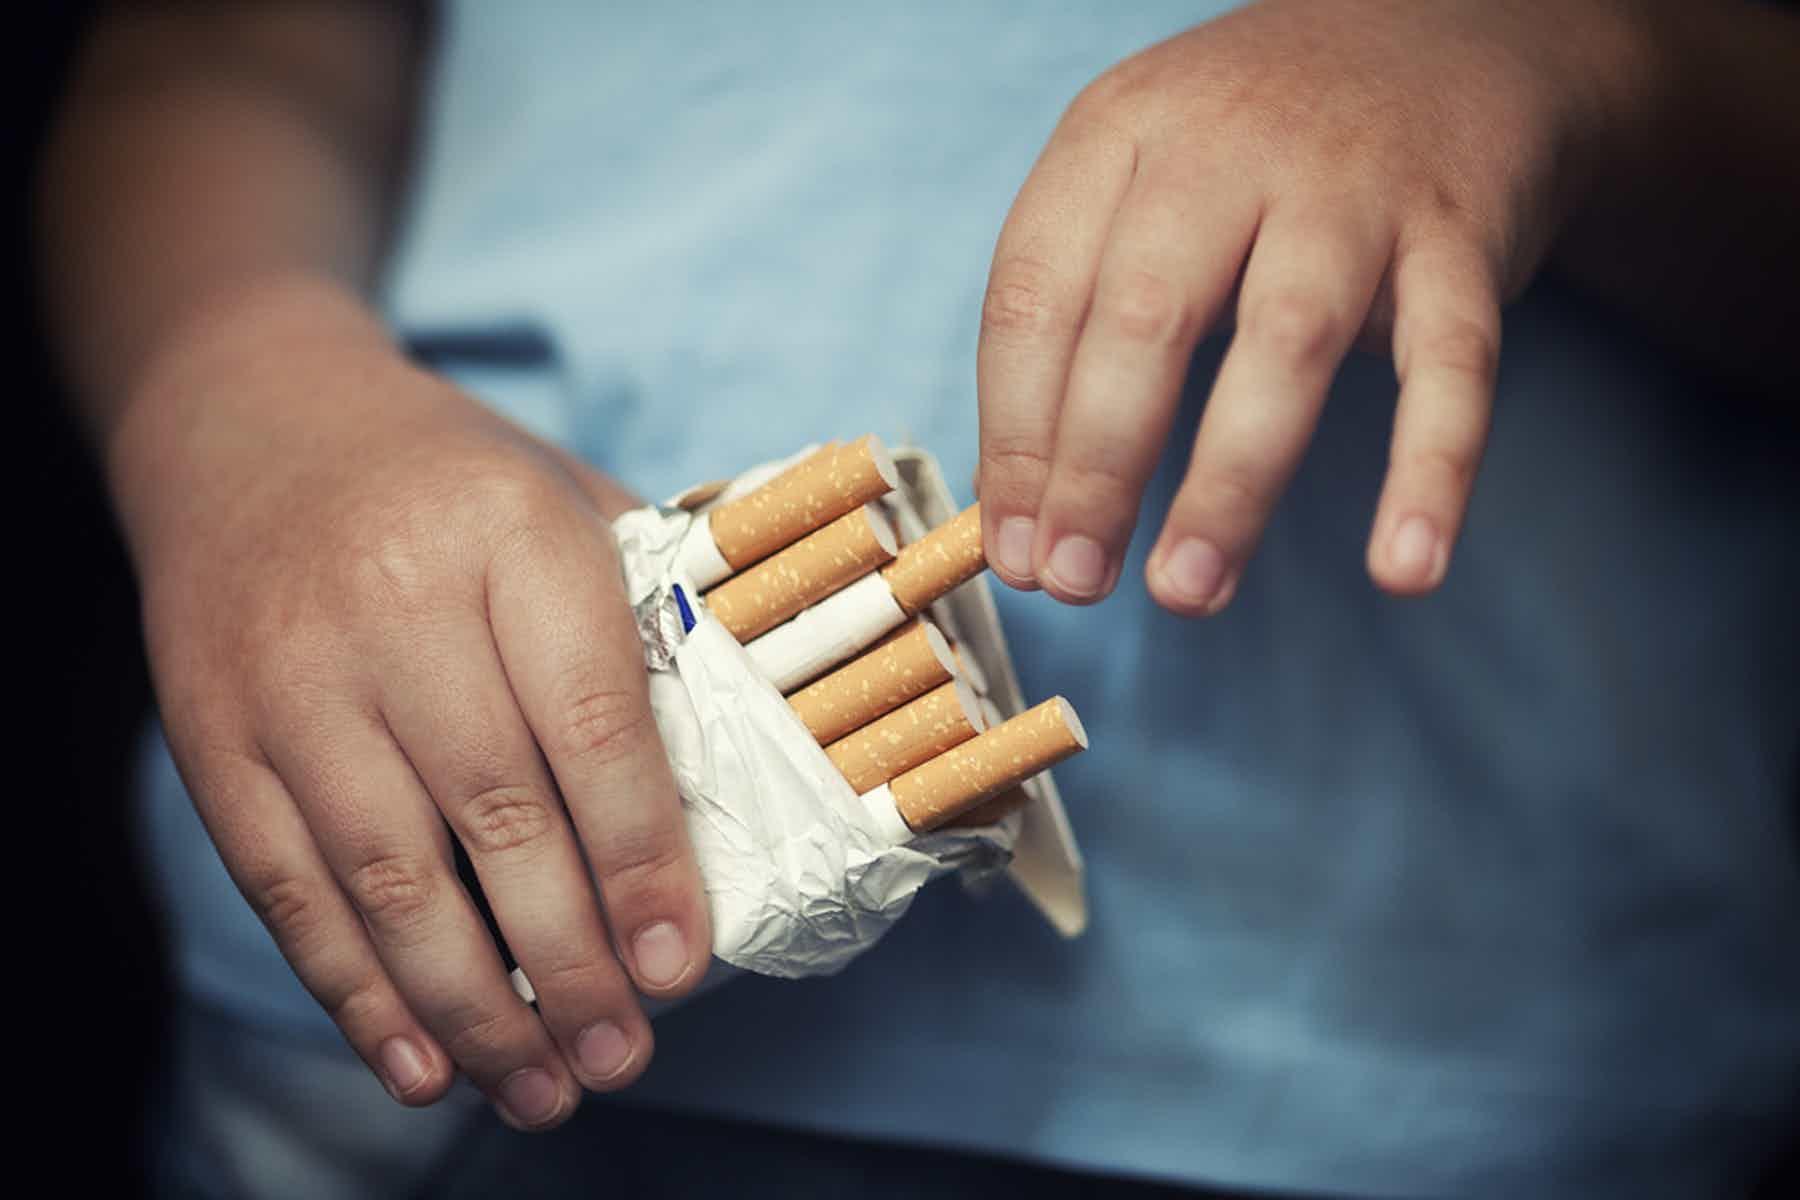 В России могут ввести запрет сдачи в аренду электронных сигарет несовершеннолетним